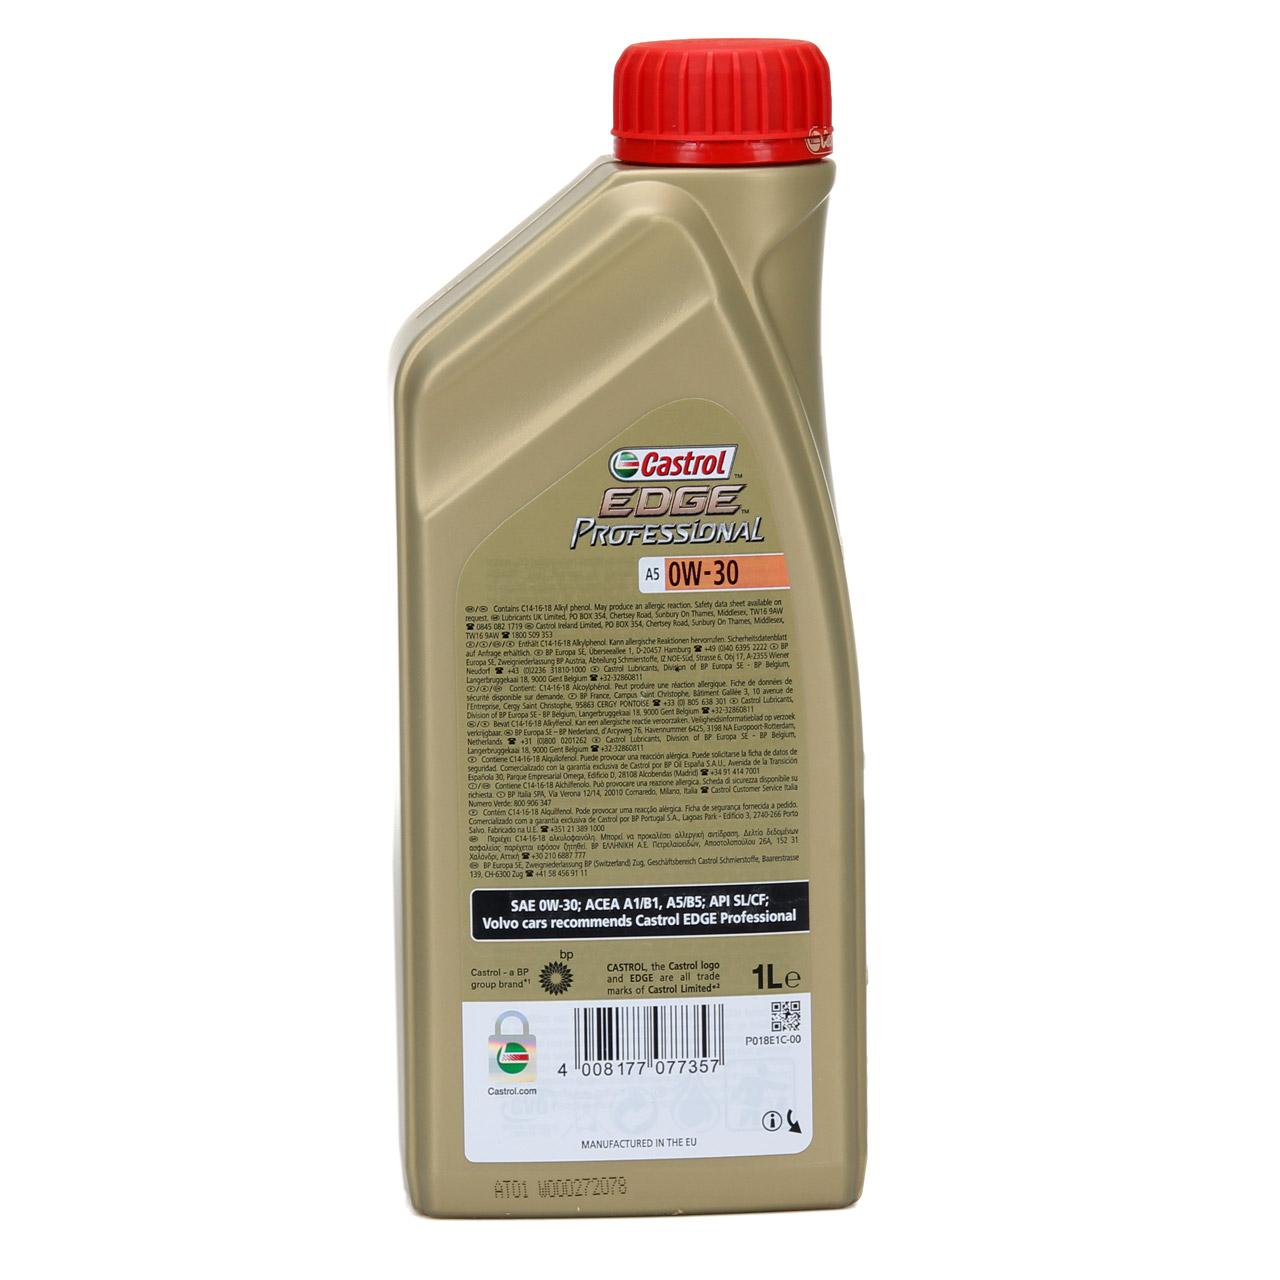 CASTROL EDGE Professional Motoröl Öl TITANIUM FST A5 0W-30 0W30 VOLVO 5 Liter